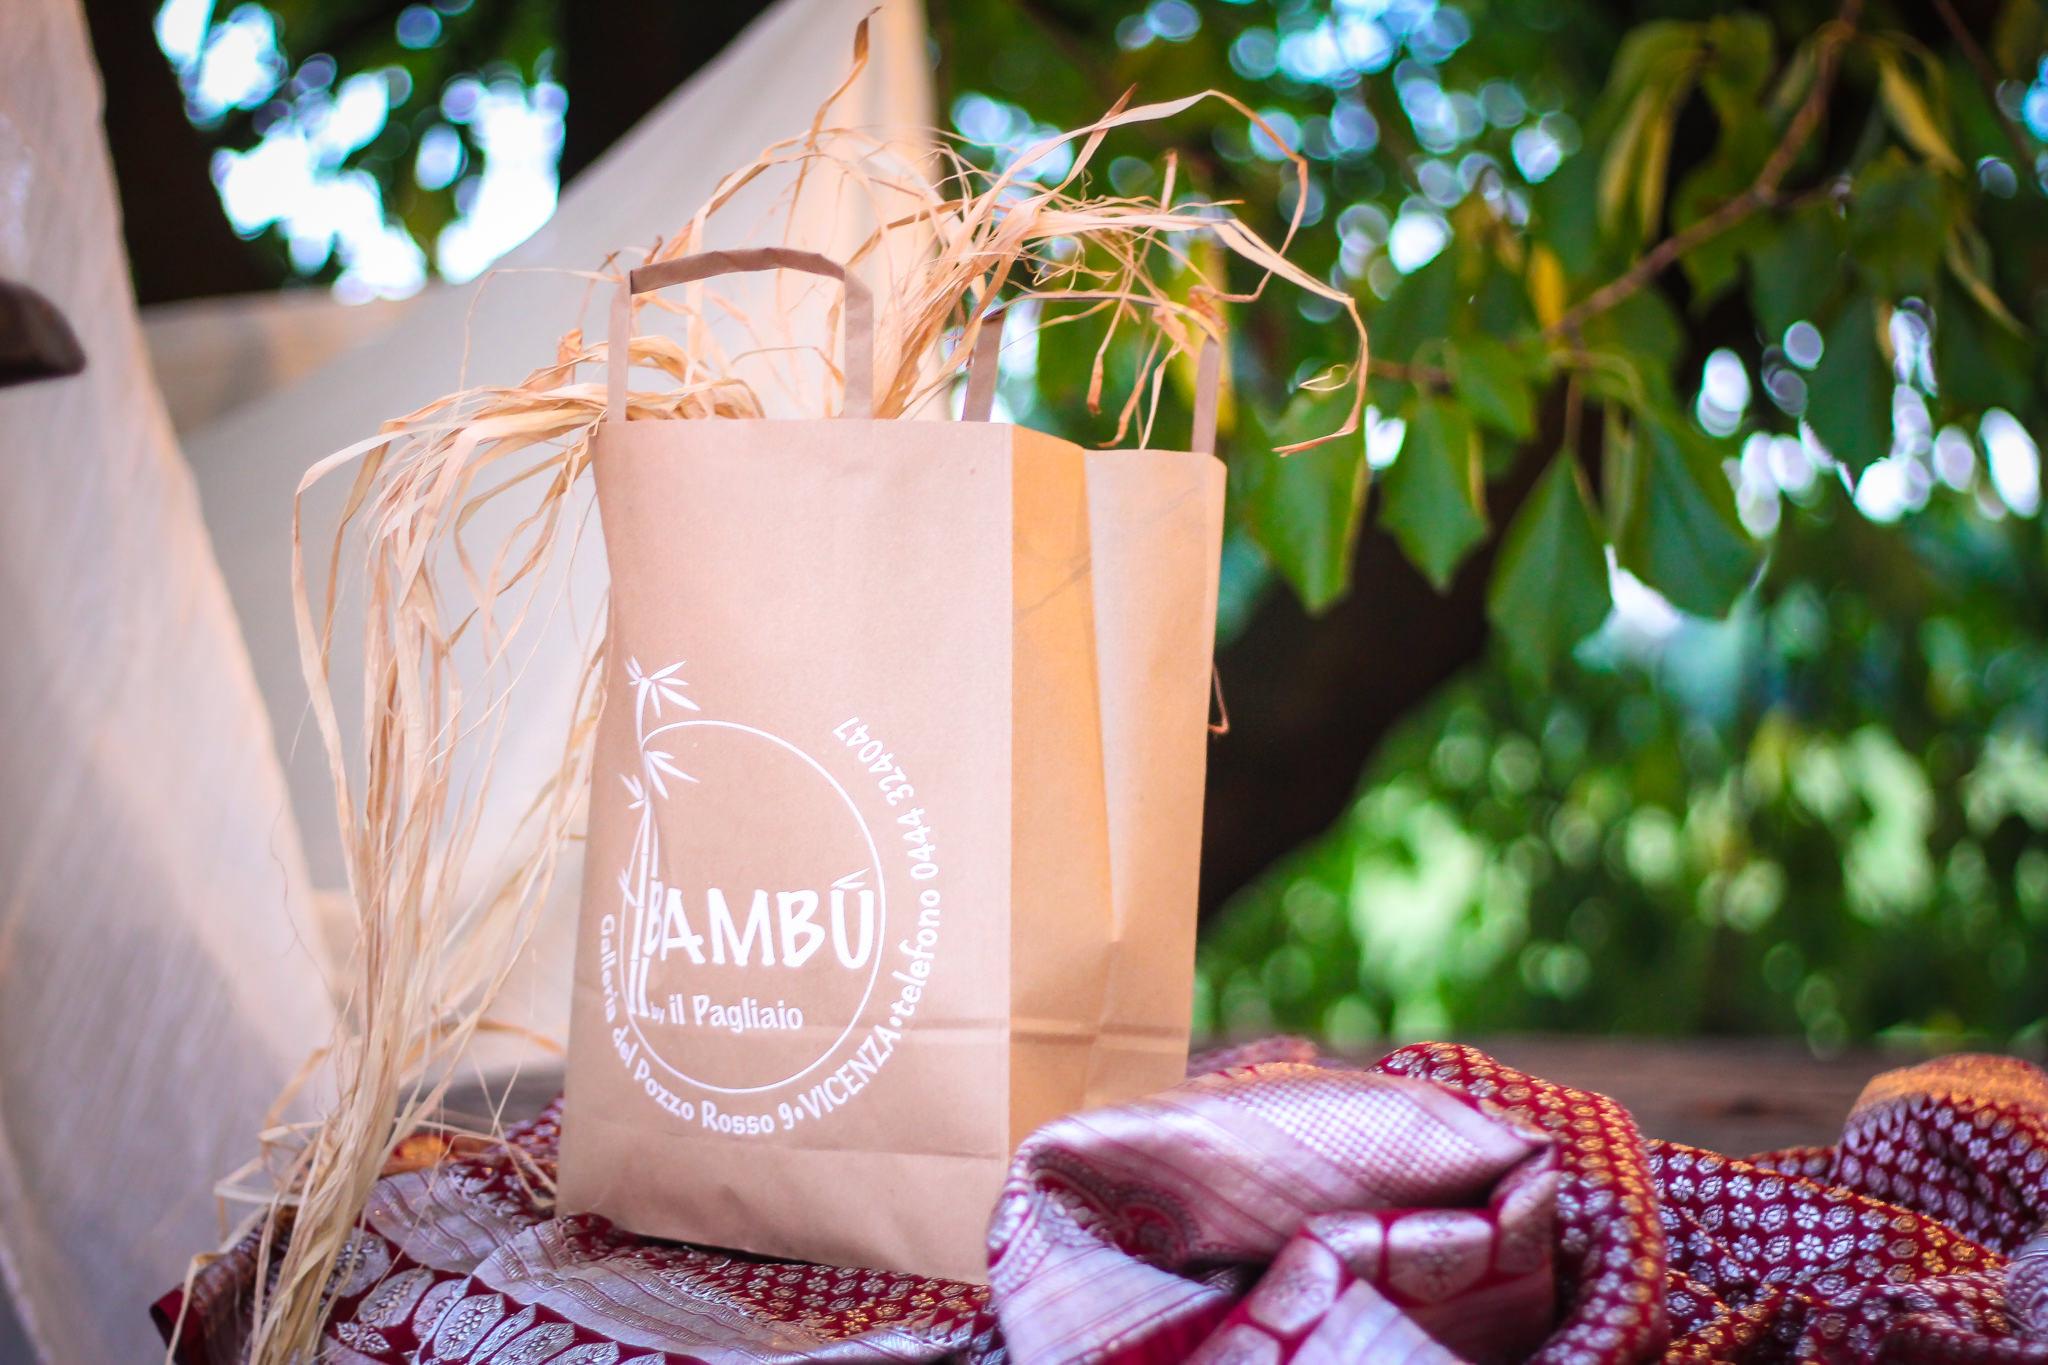 Bambù al Filò